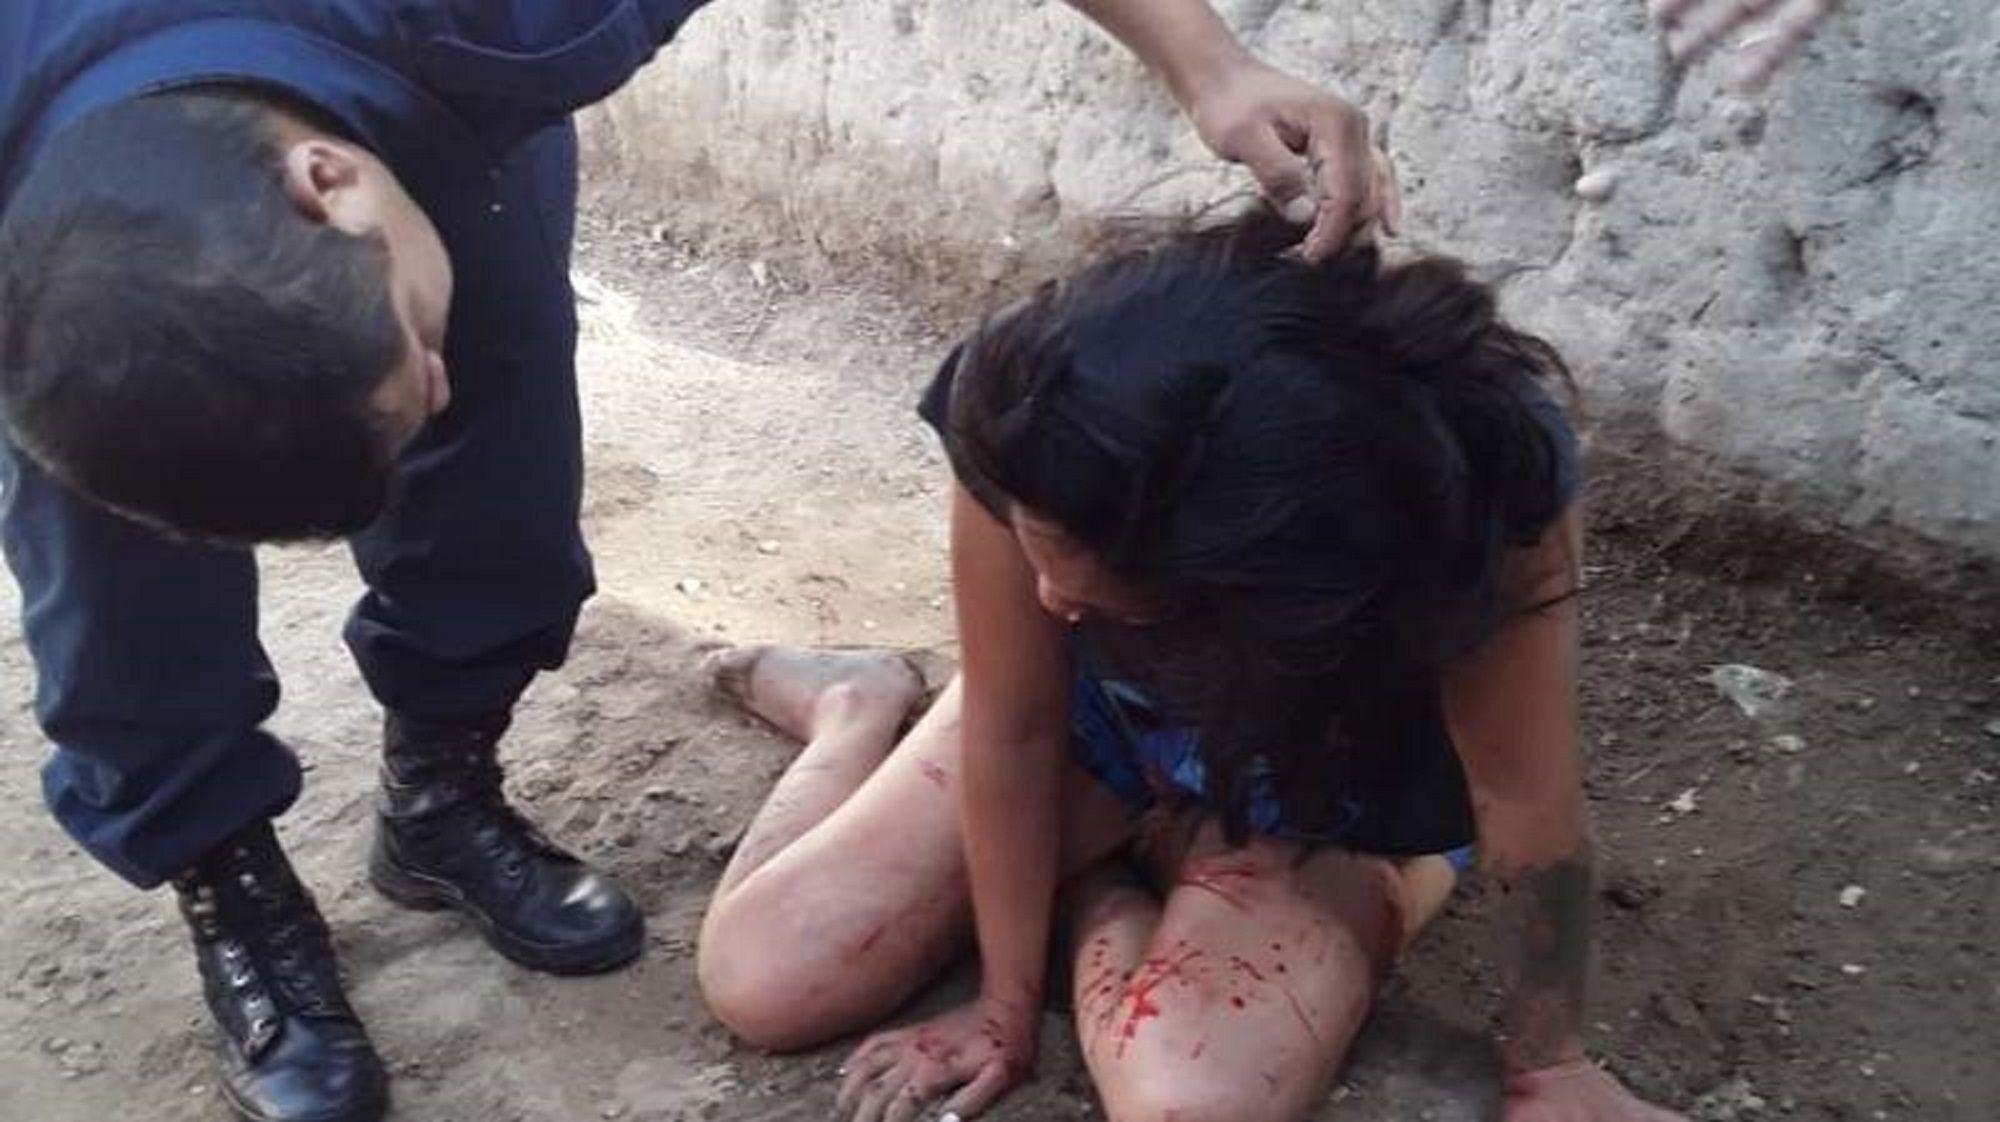 La mujer fue golpeada por su pareja delante de sus hijos